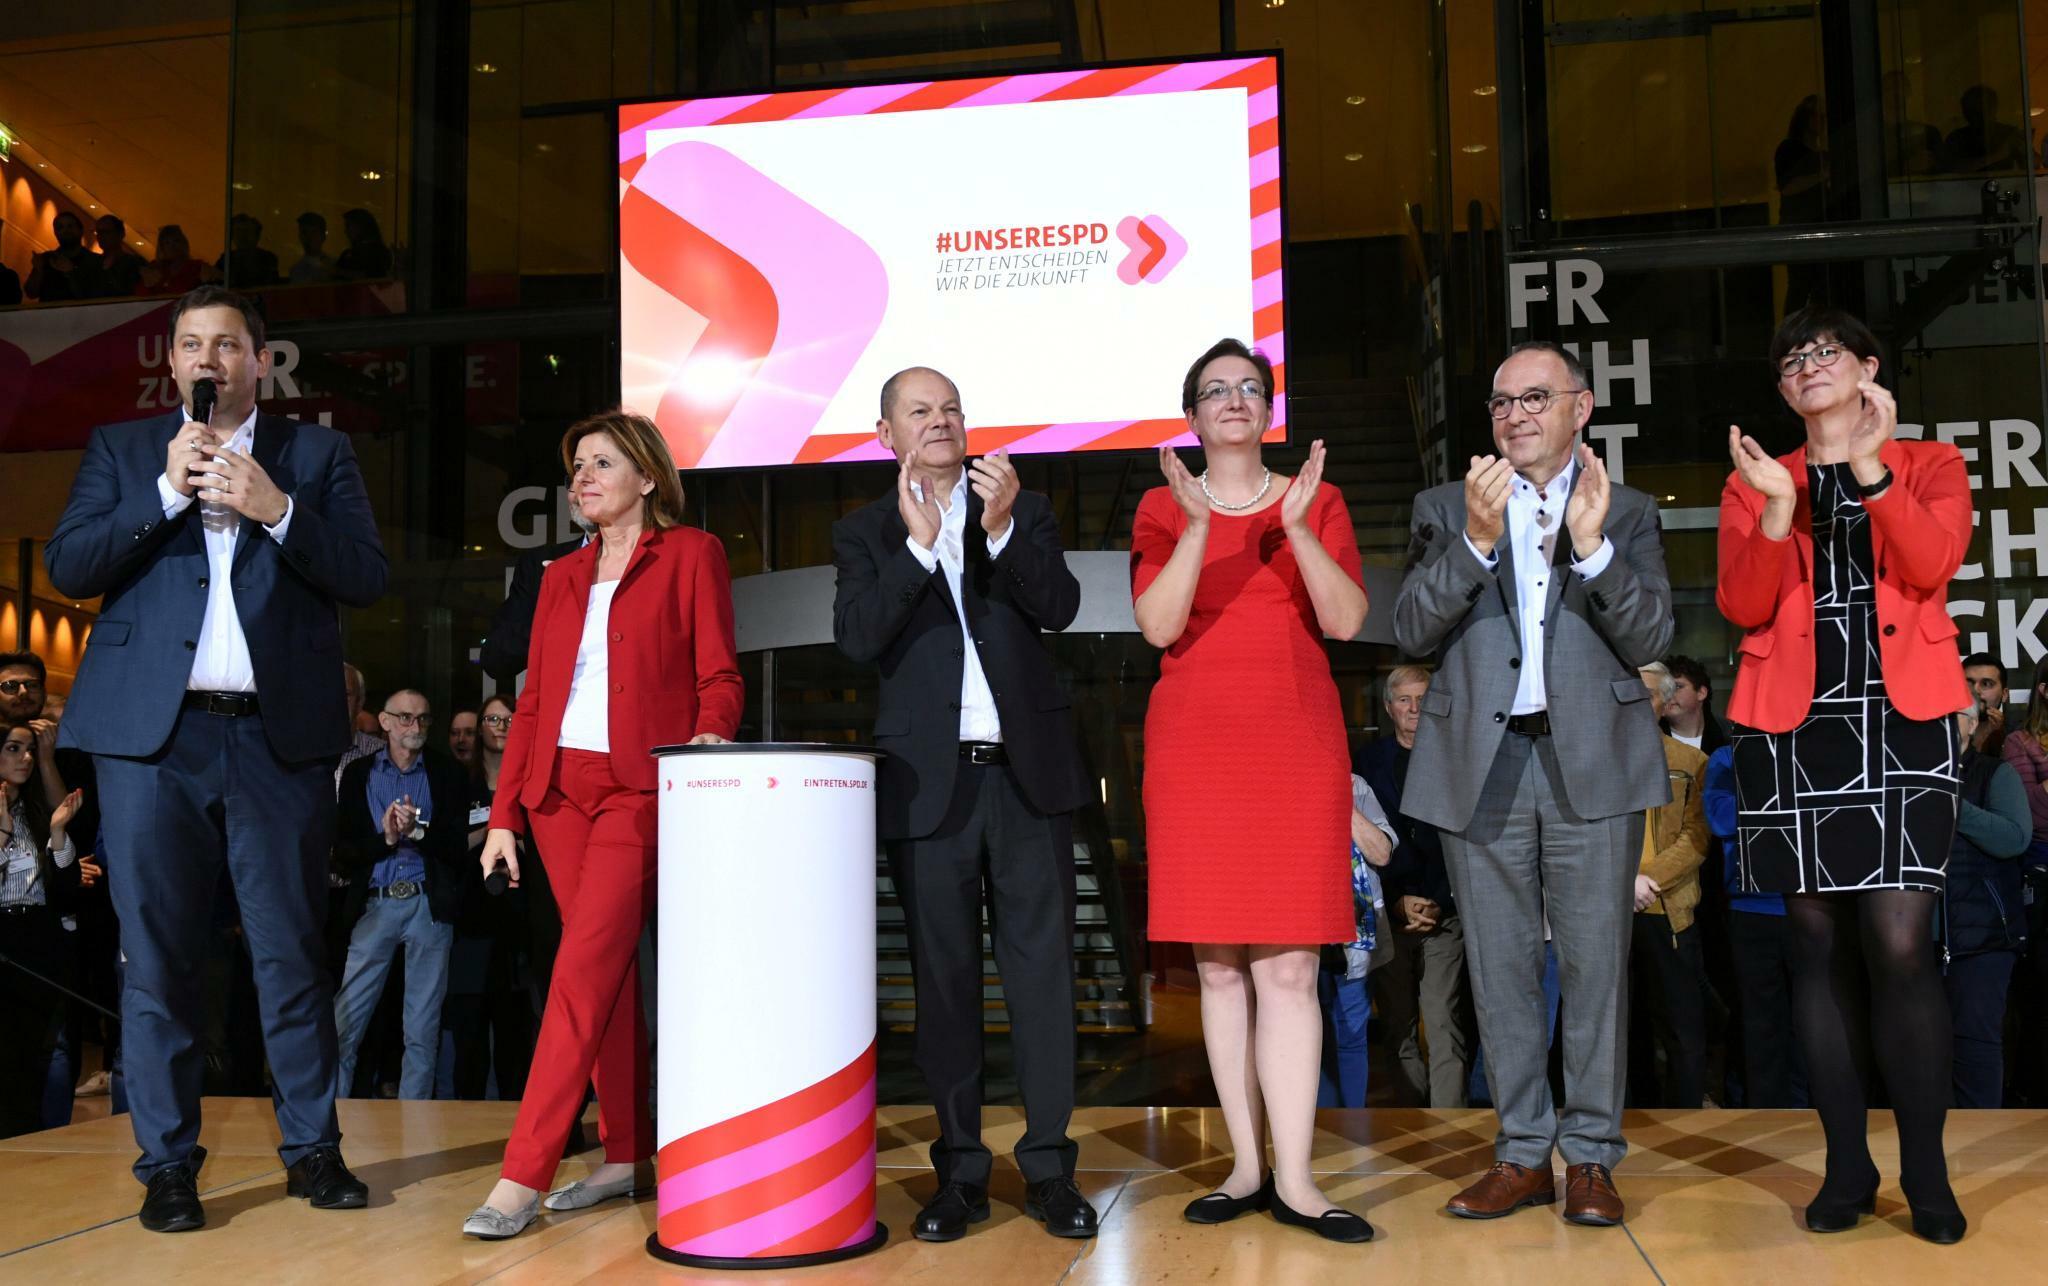 Kein klarer Sieger bei SPD-Mitgliederentscheid